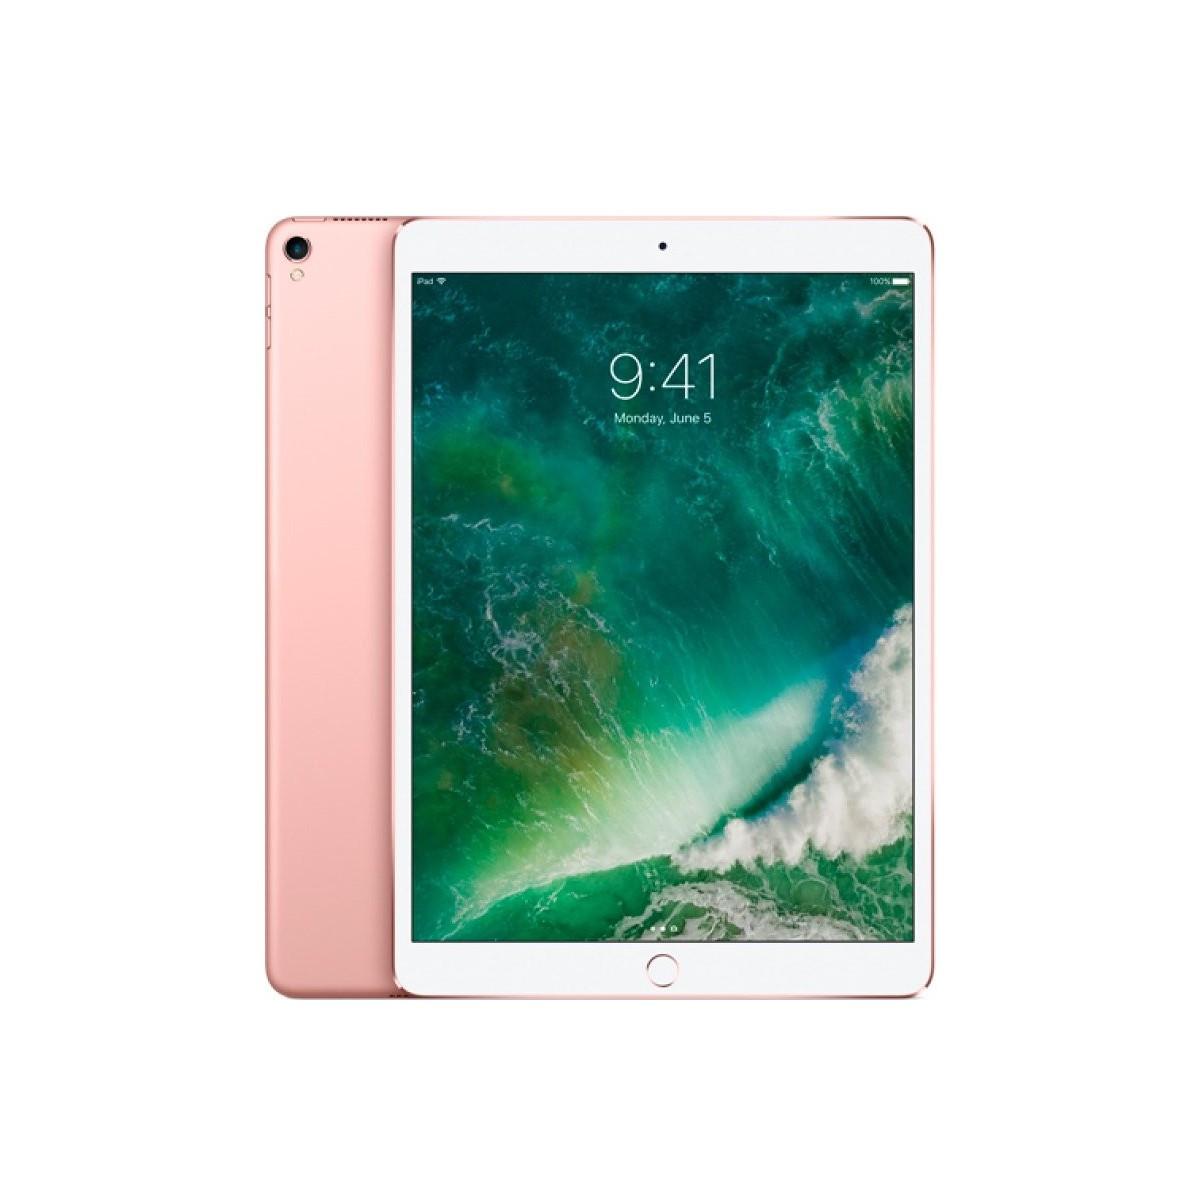 Apple iPad Pro 10.5 256Gb Wi-Fi+4G Rose Gold (MPHK2RK) 2017